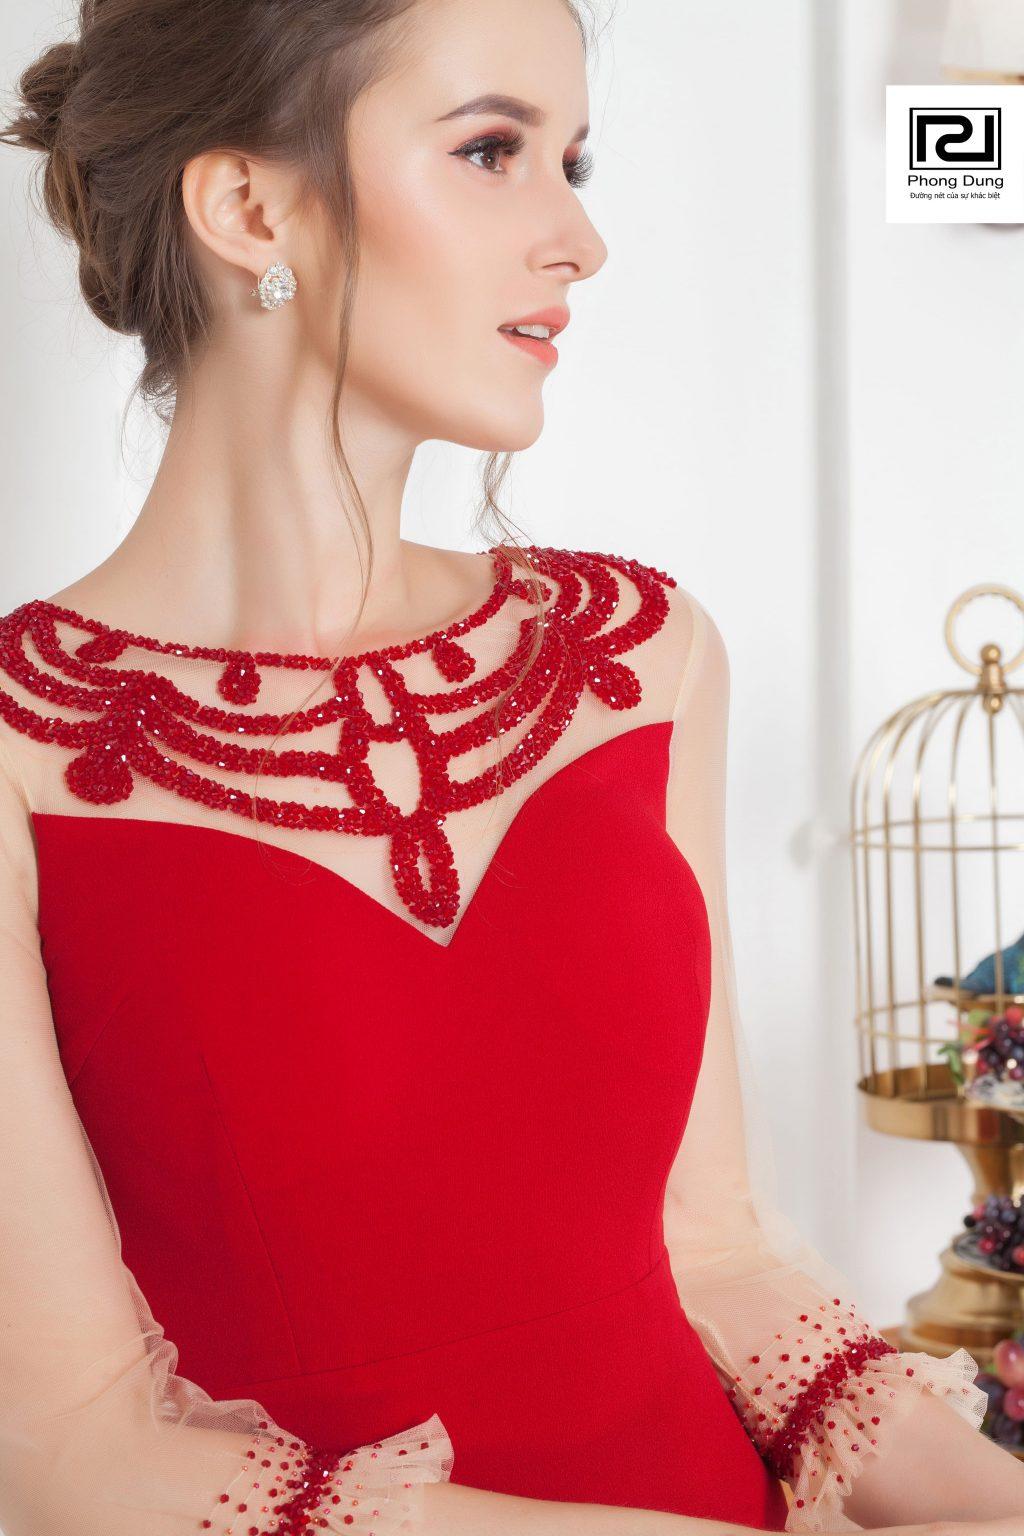 Người mẫu mặc váy ren đỏ mang hoa tai trắng